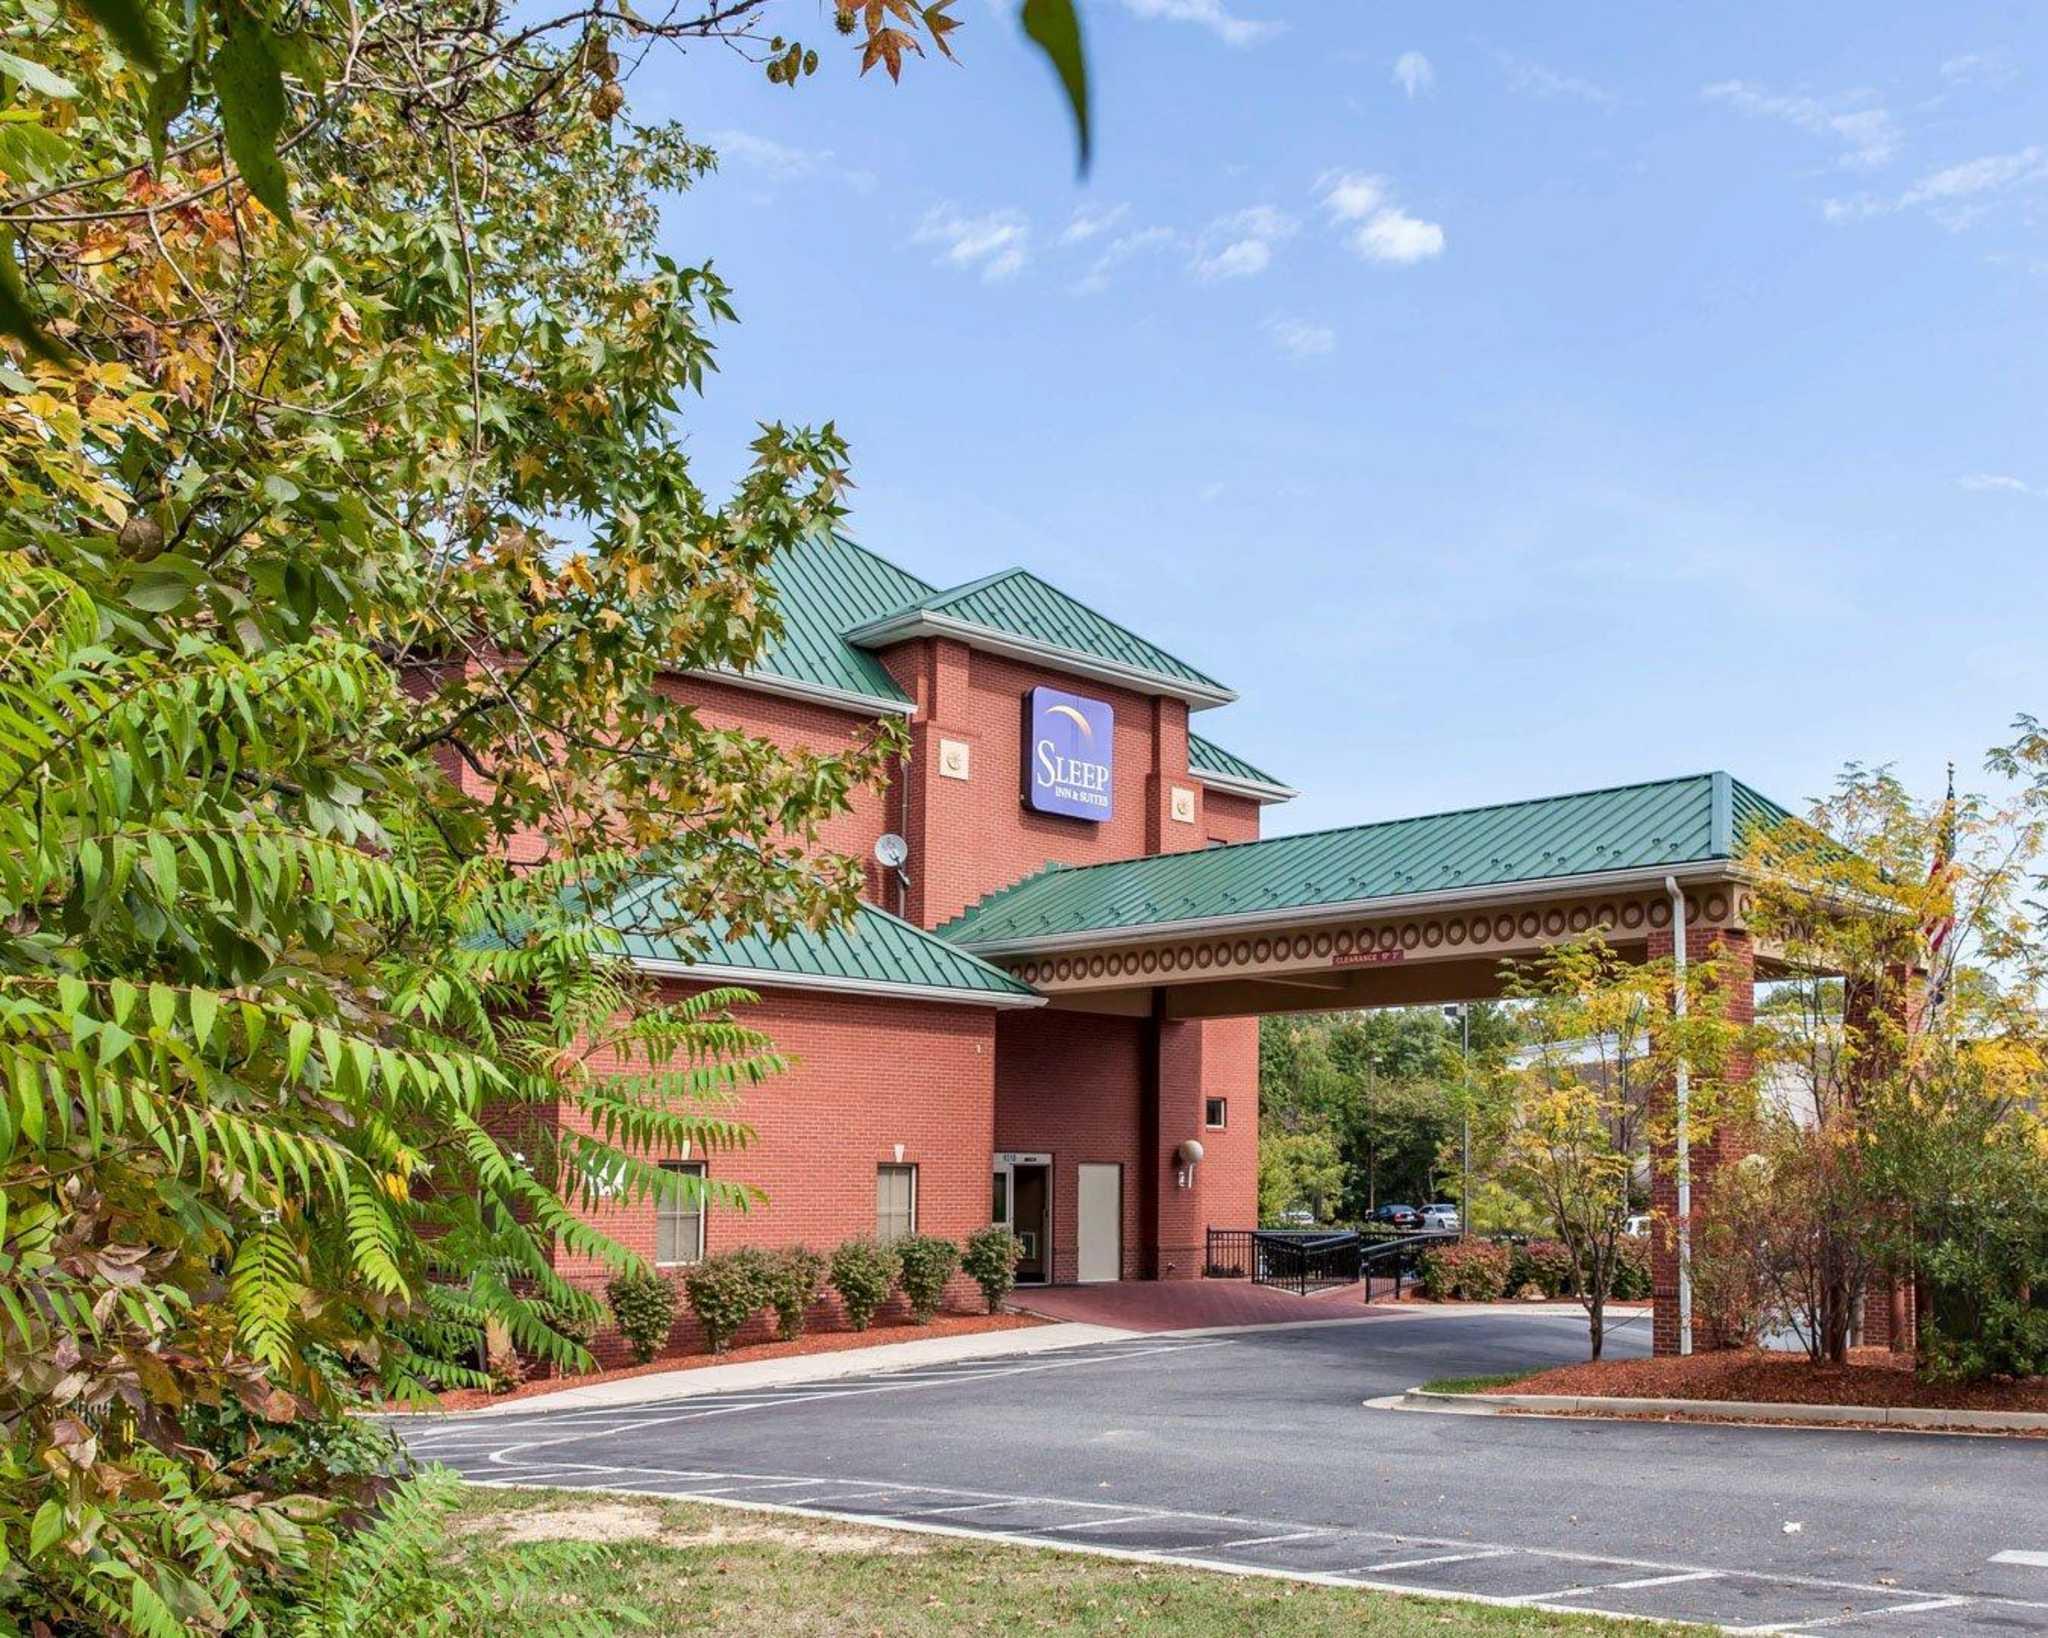 Sleep Inn & Suites Upper Marlboro near Andrews AFB image 1